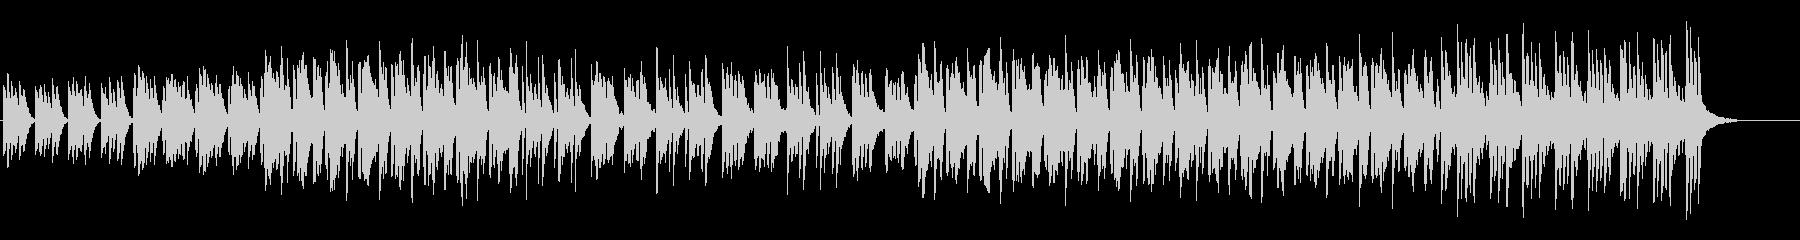 ふんわりゆったりなピアノ+シンセBGMの未再生の波形